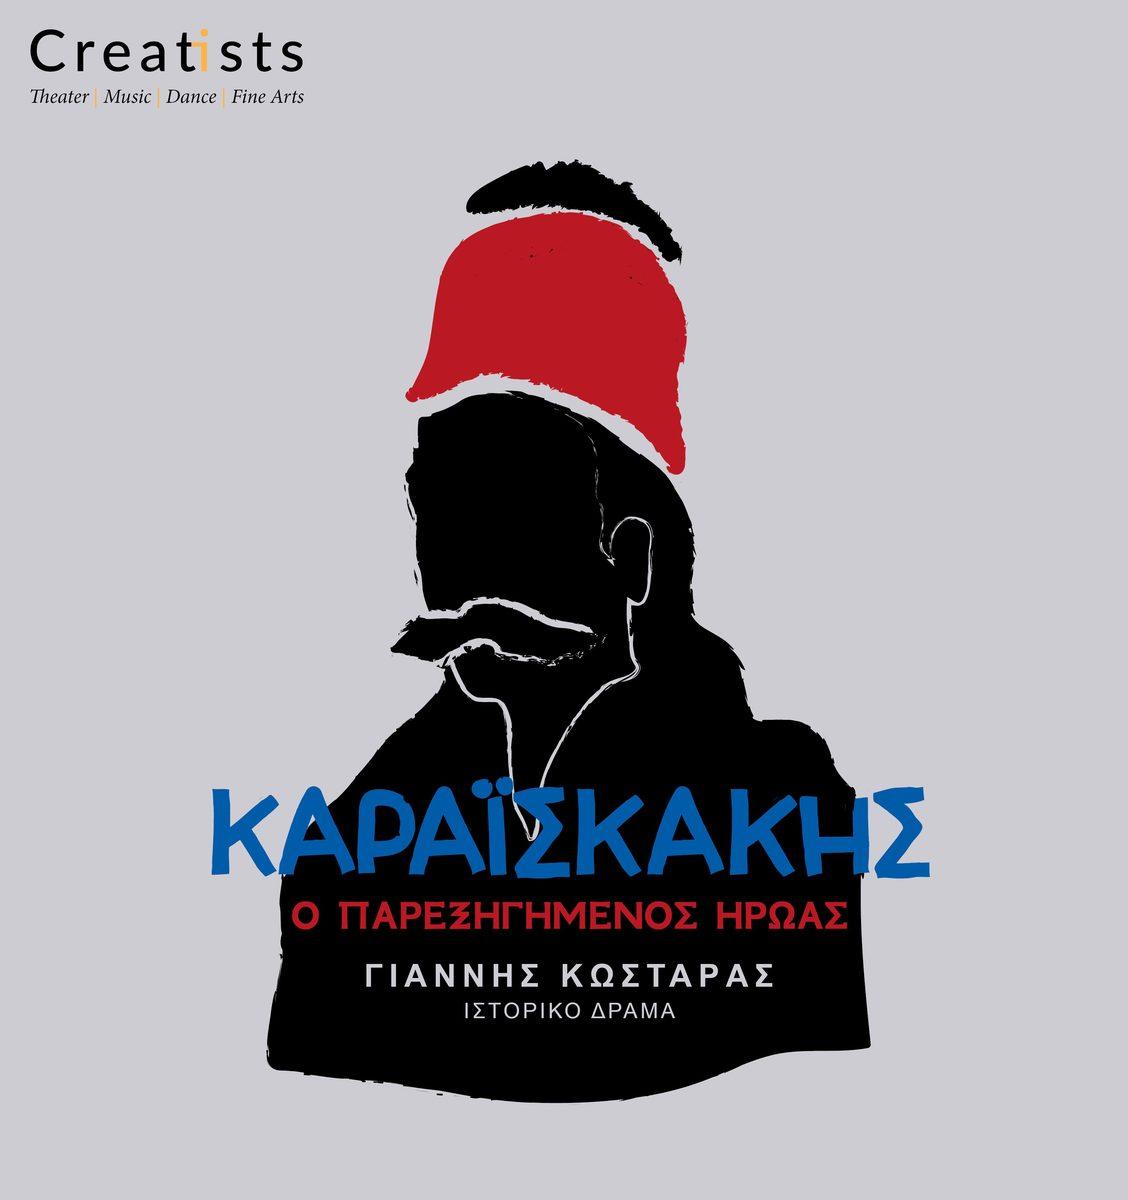 Καραϊσκάκης: Ὁ παρεξηγημένος ἥρωας - Ένα ιστορικό δράμα στο Θέατρο Πέτρας